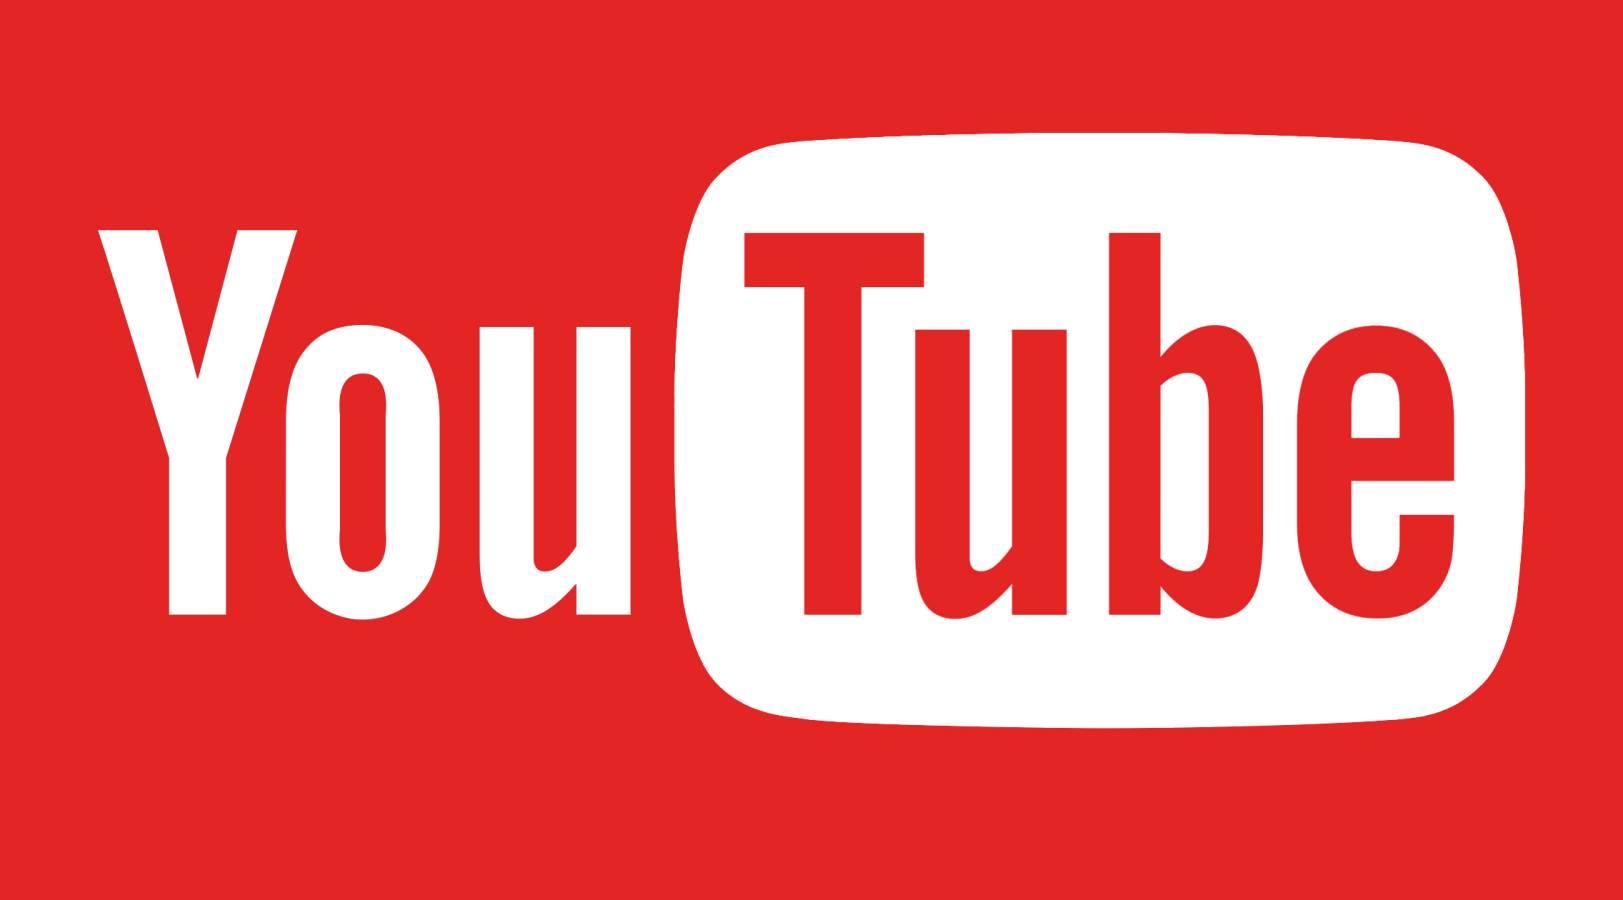 YouTube Actualizarea Noua Lansata pentru Tablete si Telefoane